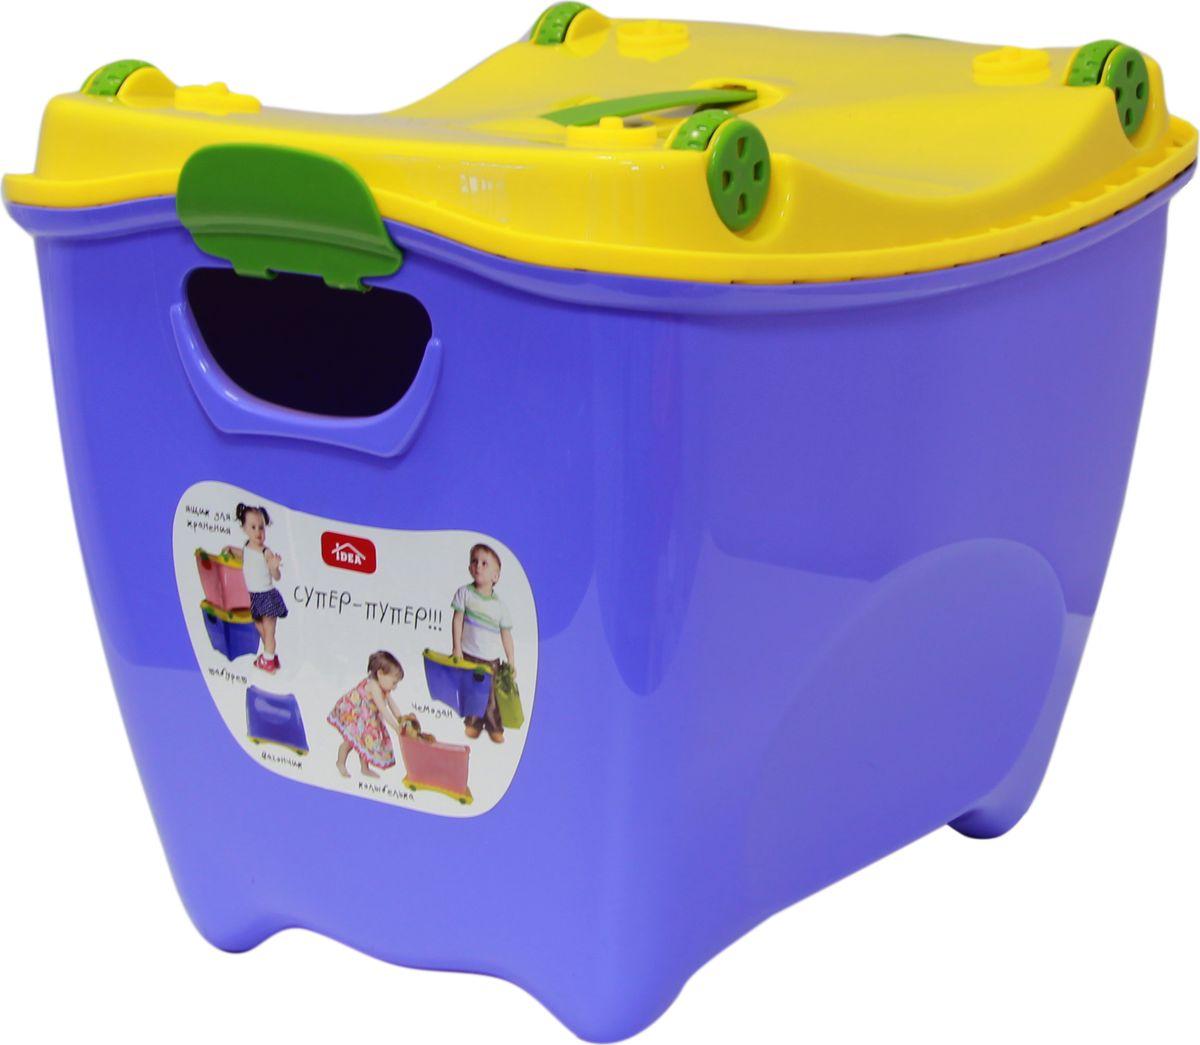 Idea Ящик для игрушек Супер-пупер цвет сиреневый 30,5 х 40 х 30,5 см цена 2017